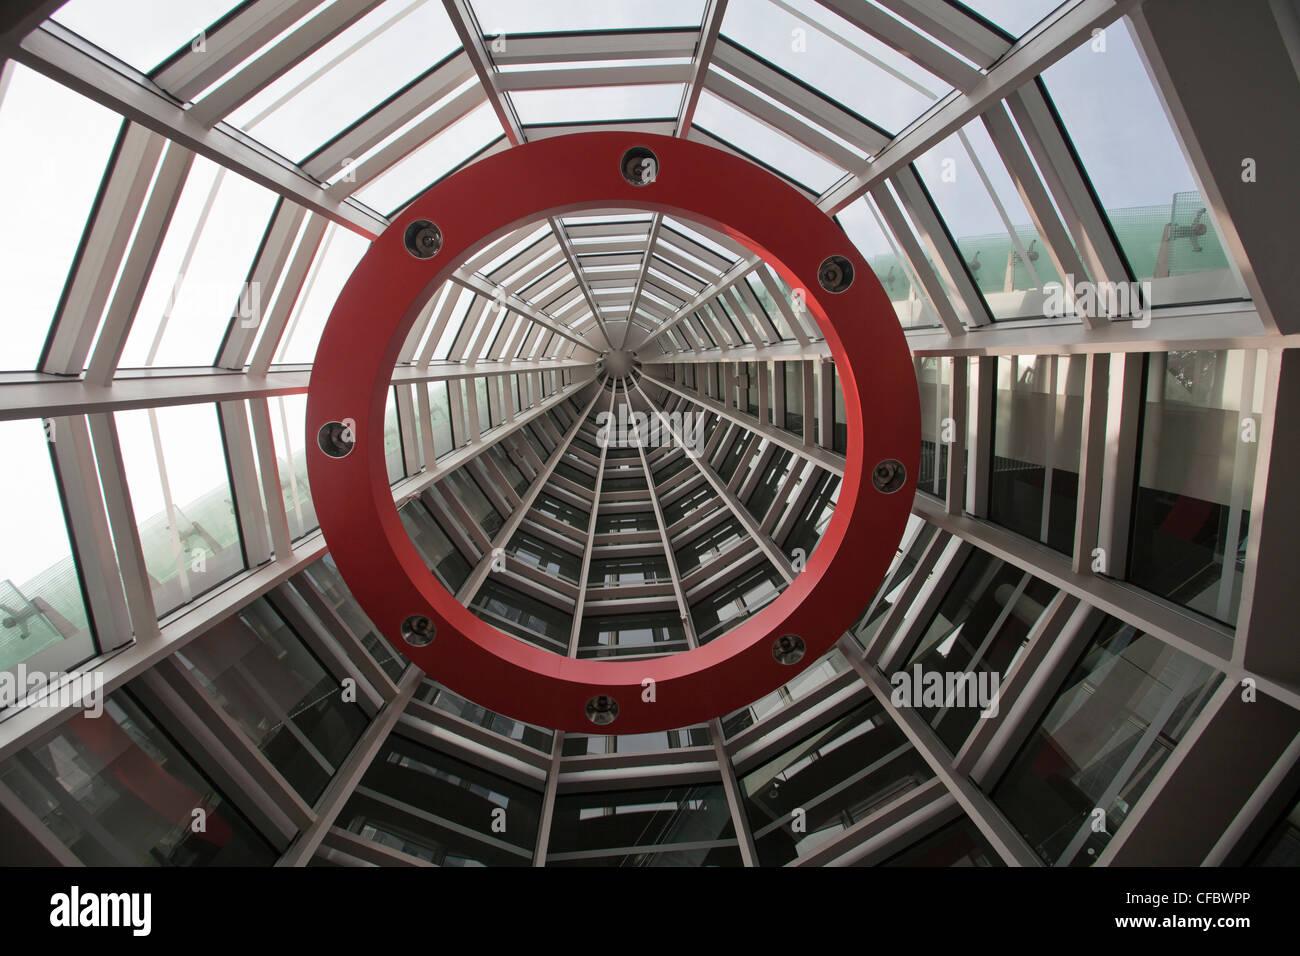 Le Japon, en Asie, Tokyo, Ville, Centre National des Arts, façade, l'entrée, l'architecture, l'art, Photo Stock